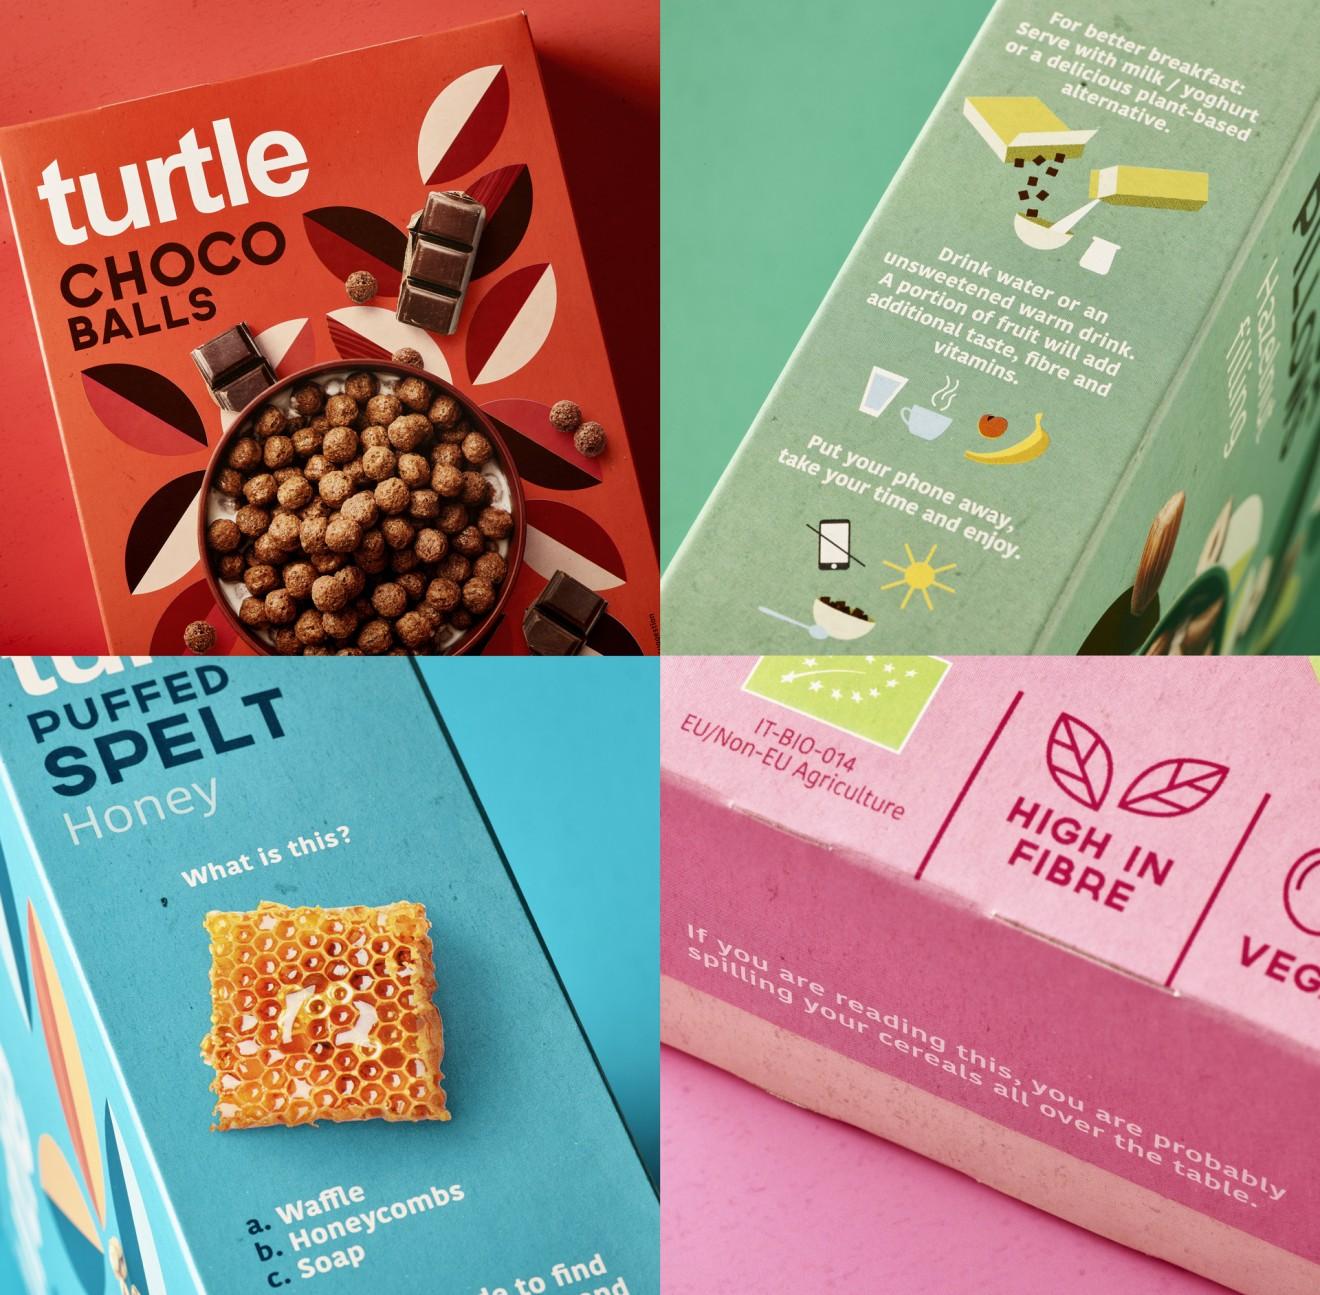 Quatre Mains package design - healthy, cereals, retro, vintage, pattern, decorative, quatre mains, turtl